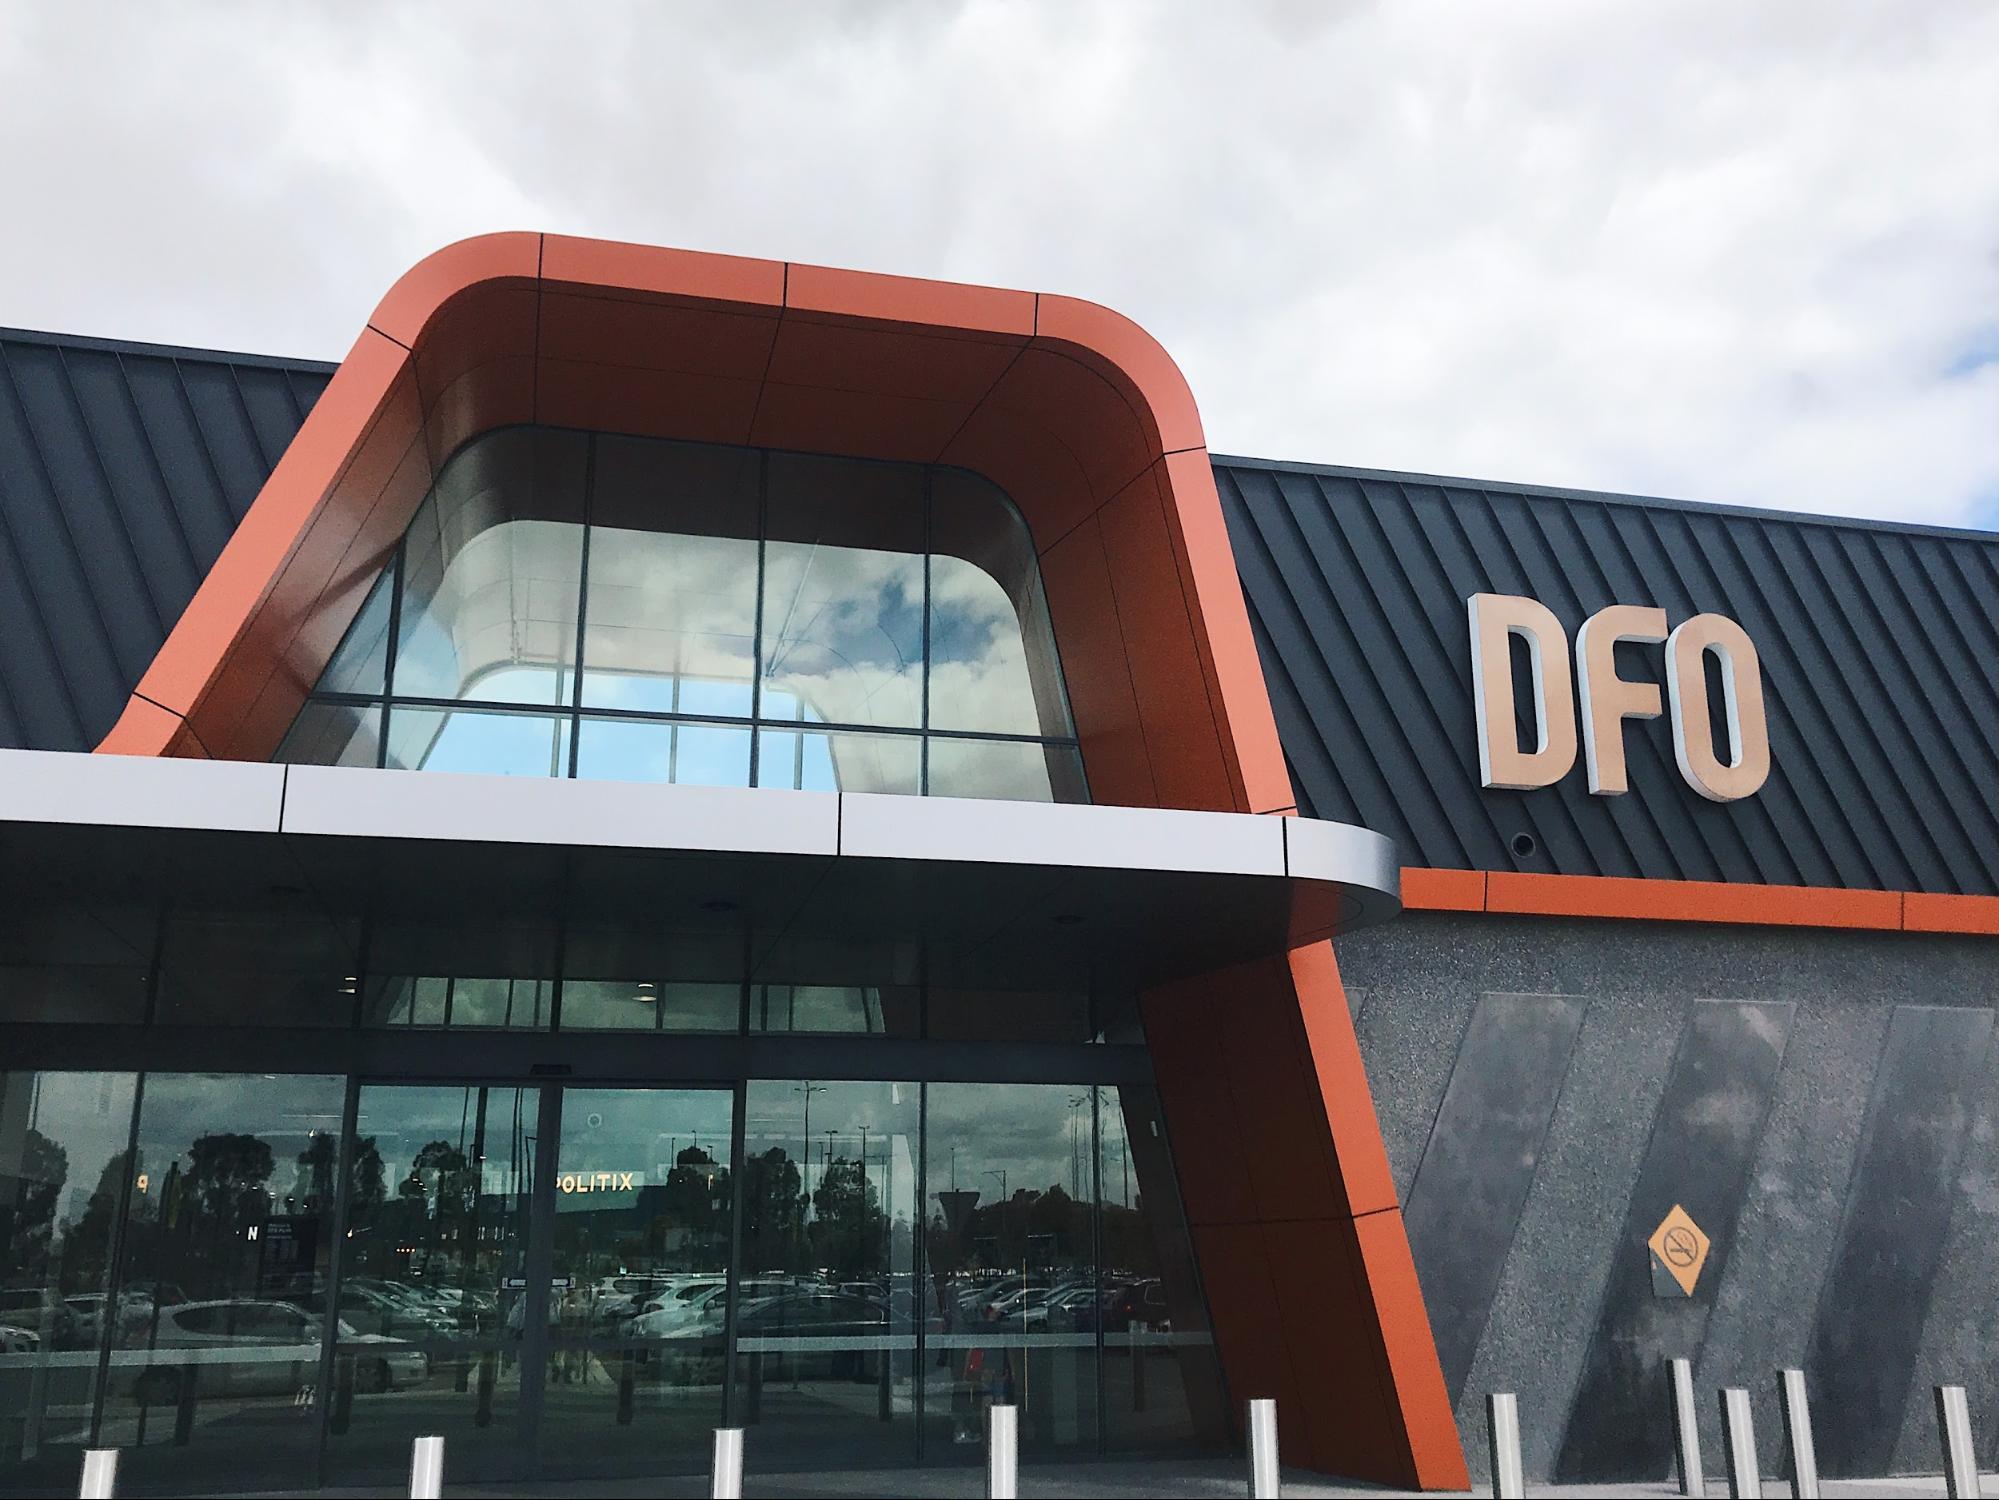 DFO Perth